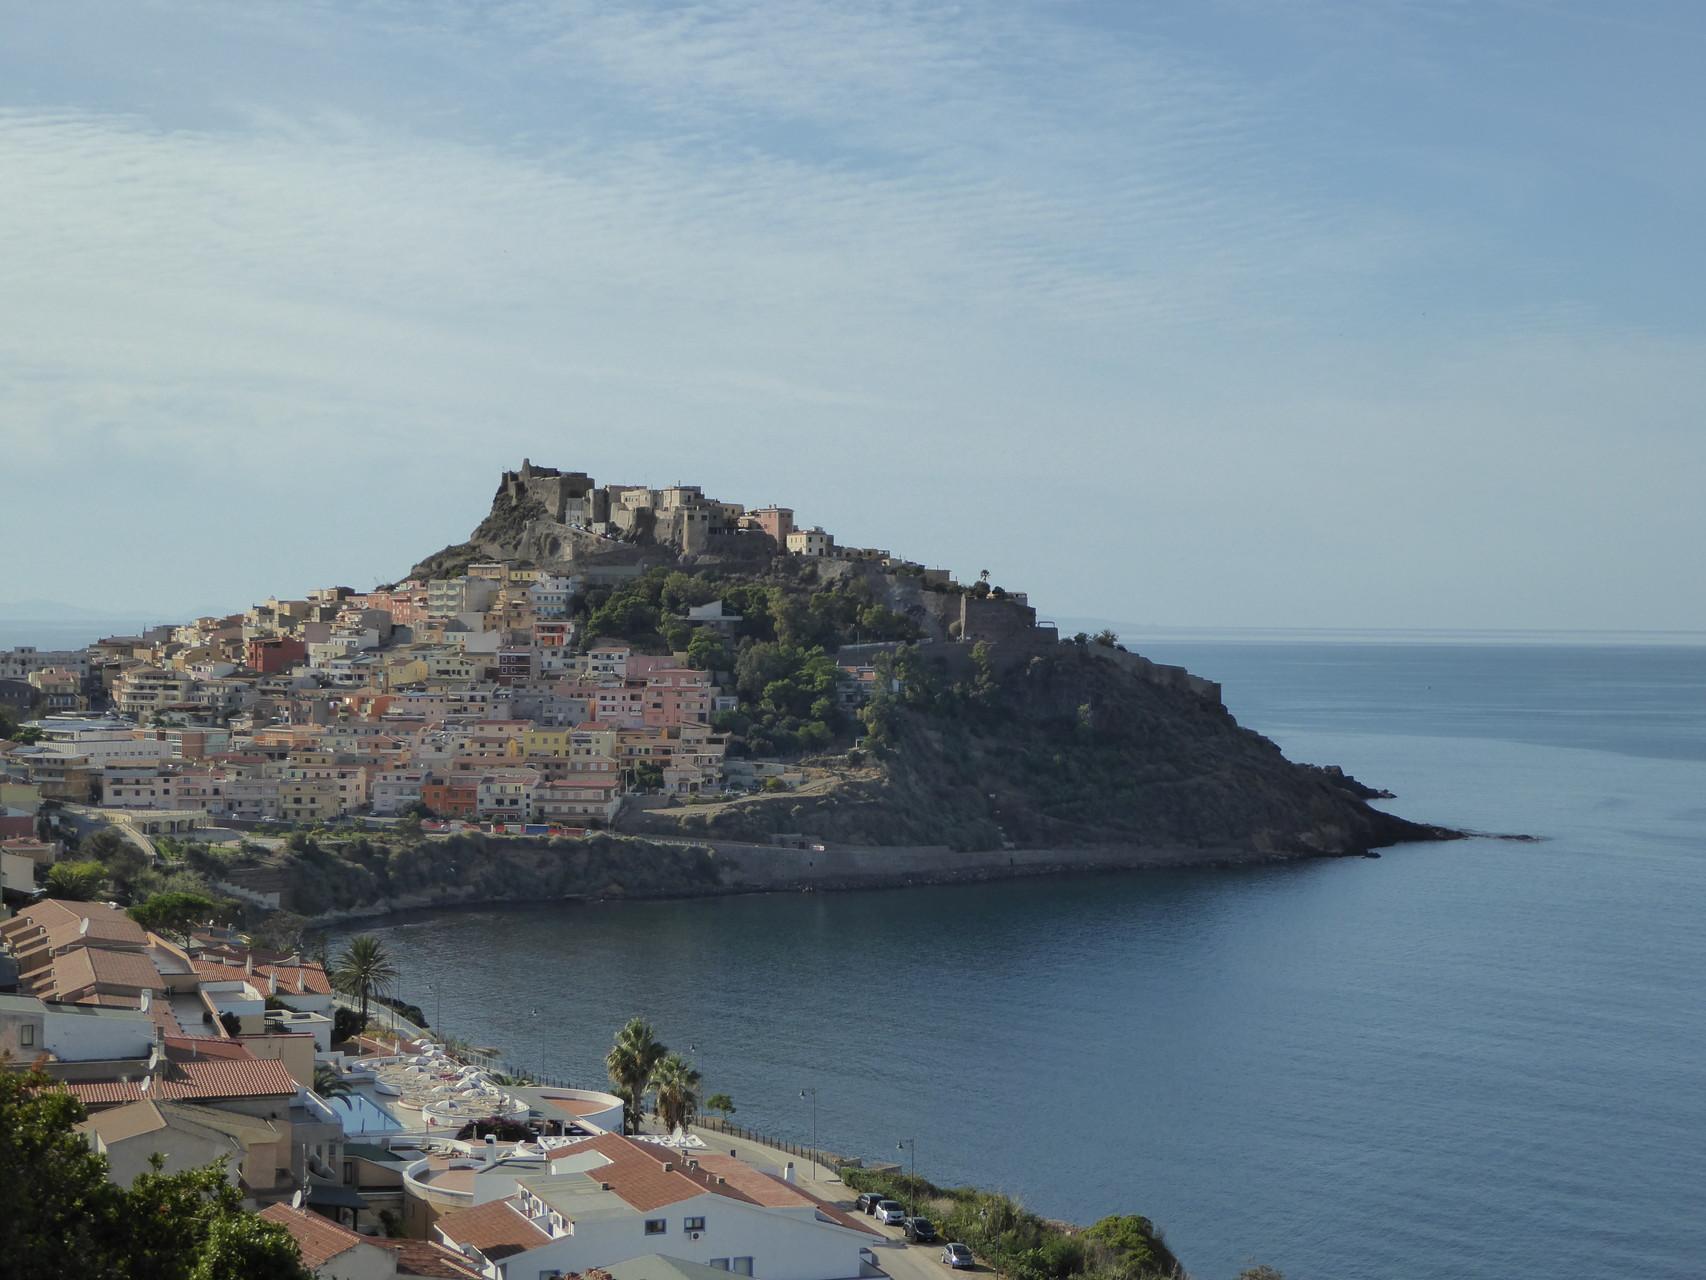 Es gibt Städte auf Hügeln überm Meer, mit Burgen und bunten Häuschen und großartigem Gelato. Wie zum Beispiel hier in Castelsardo.